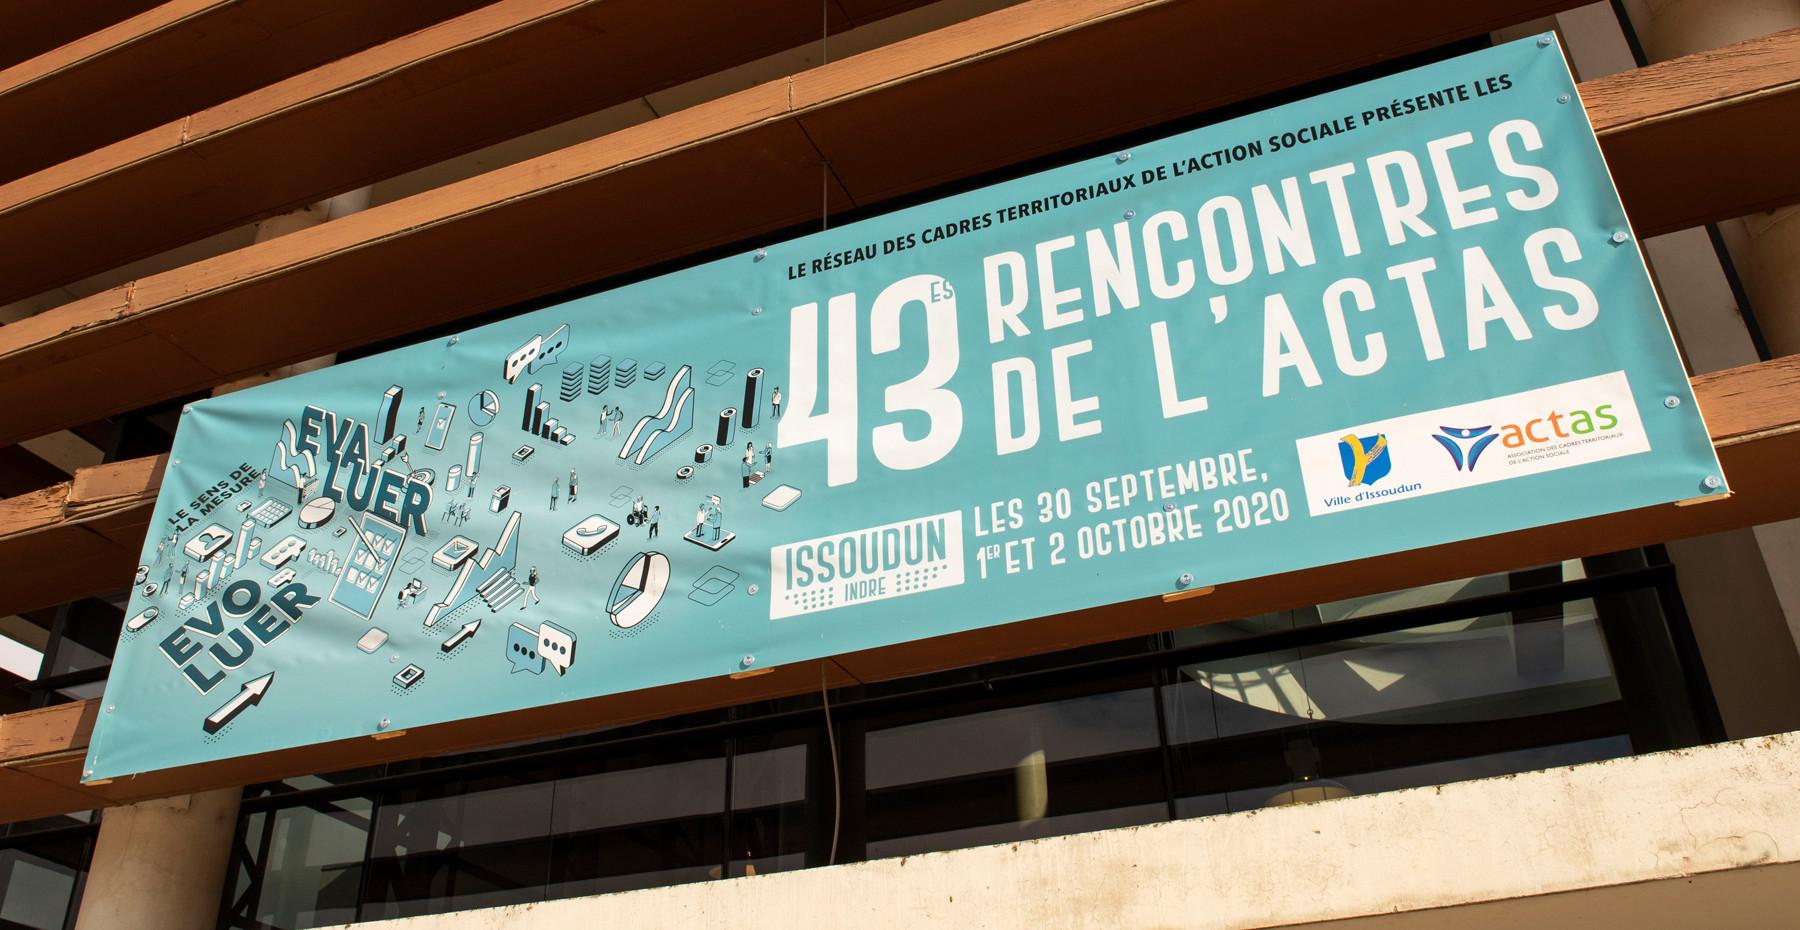 ACTAS 43e Rencontres banniere.jpg